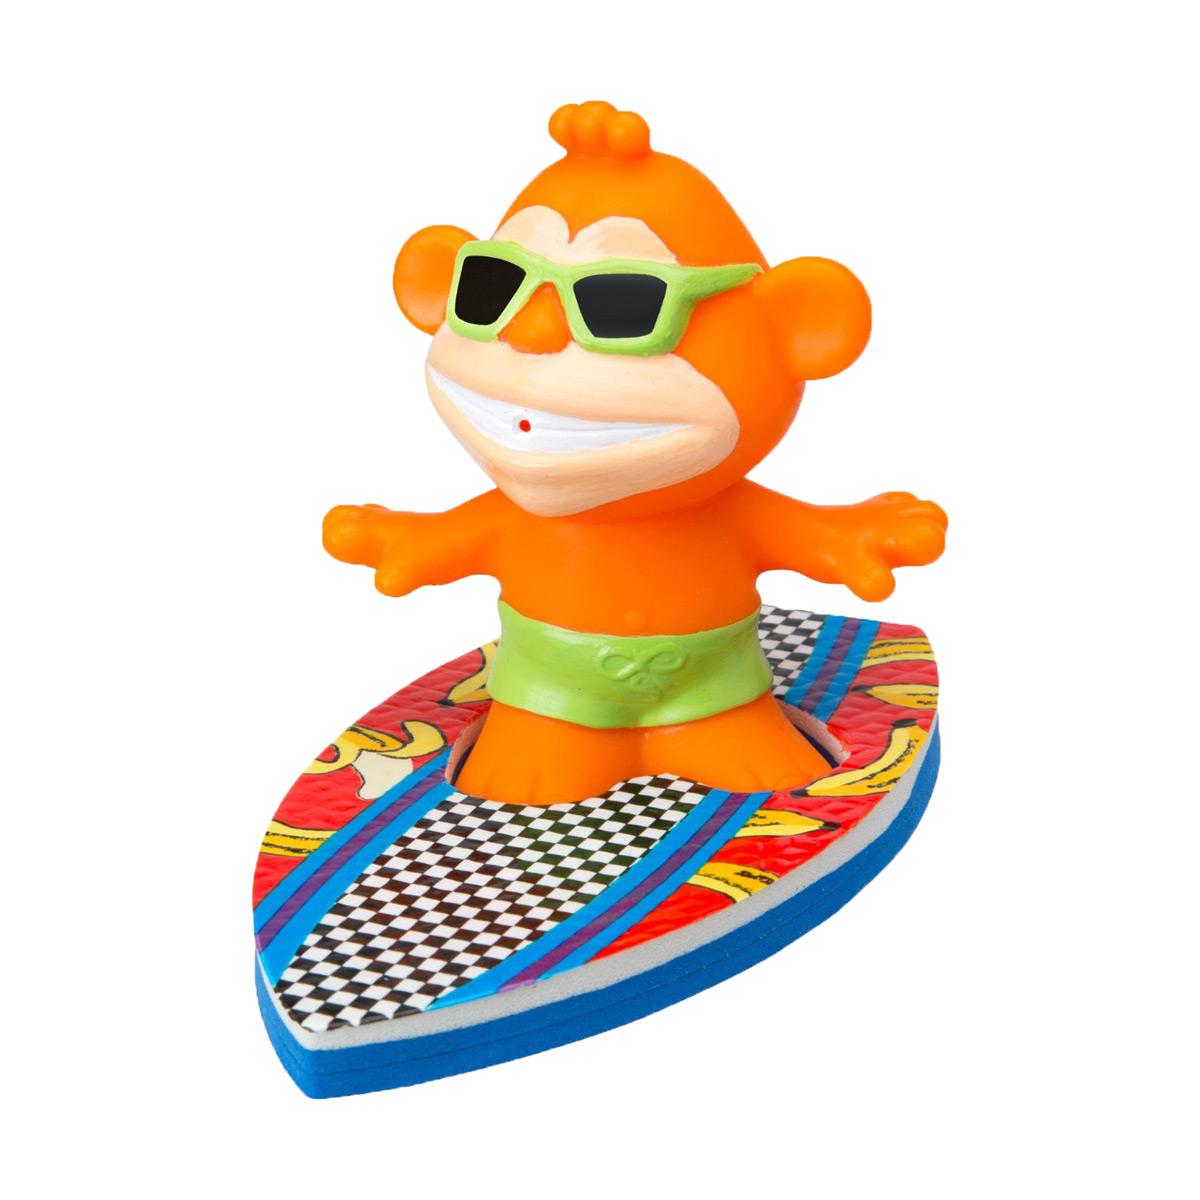 Игрушка для ванны - Серфинг, от 2 летРазвивающие игрушки<br>Игрушка для ванны - Серфинг, от 2 лет<br>